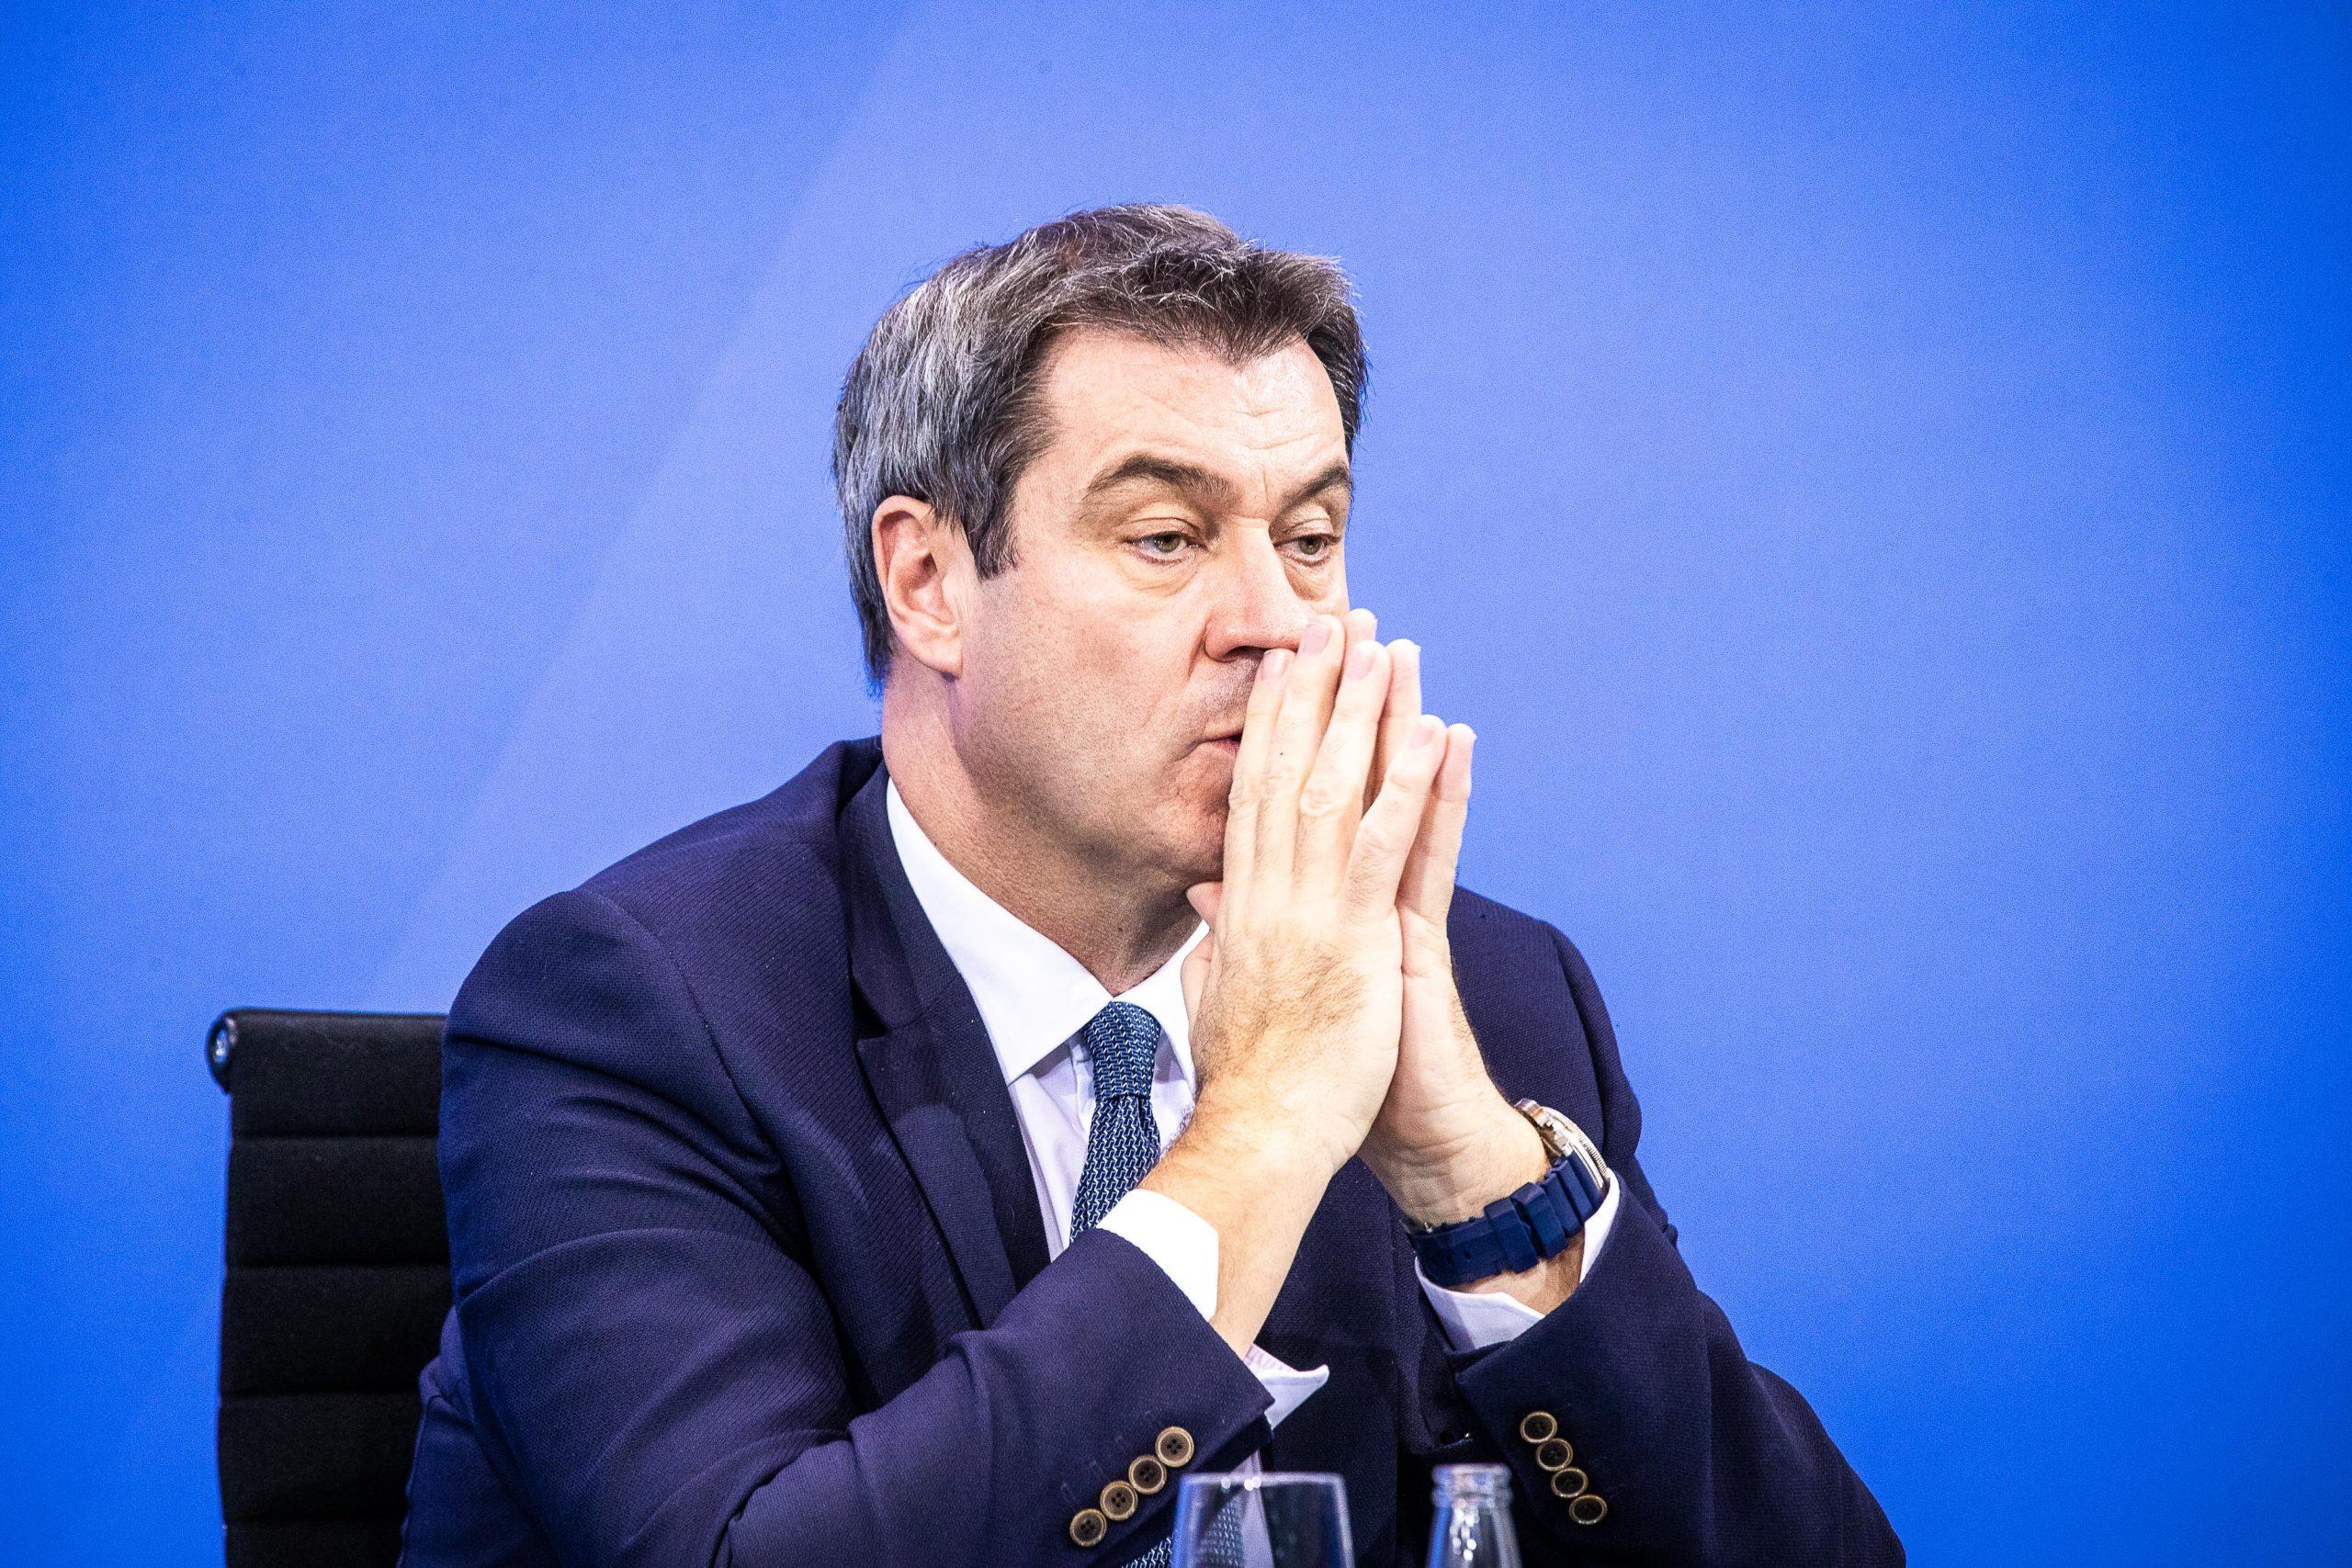 CDU-Generalsekretär will Wahlschlappe schnell abhaken – Söder sieht sich durch Wahlergebnisse bestätigt